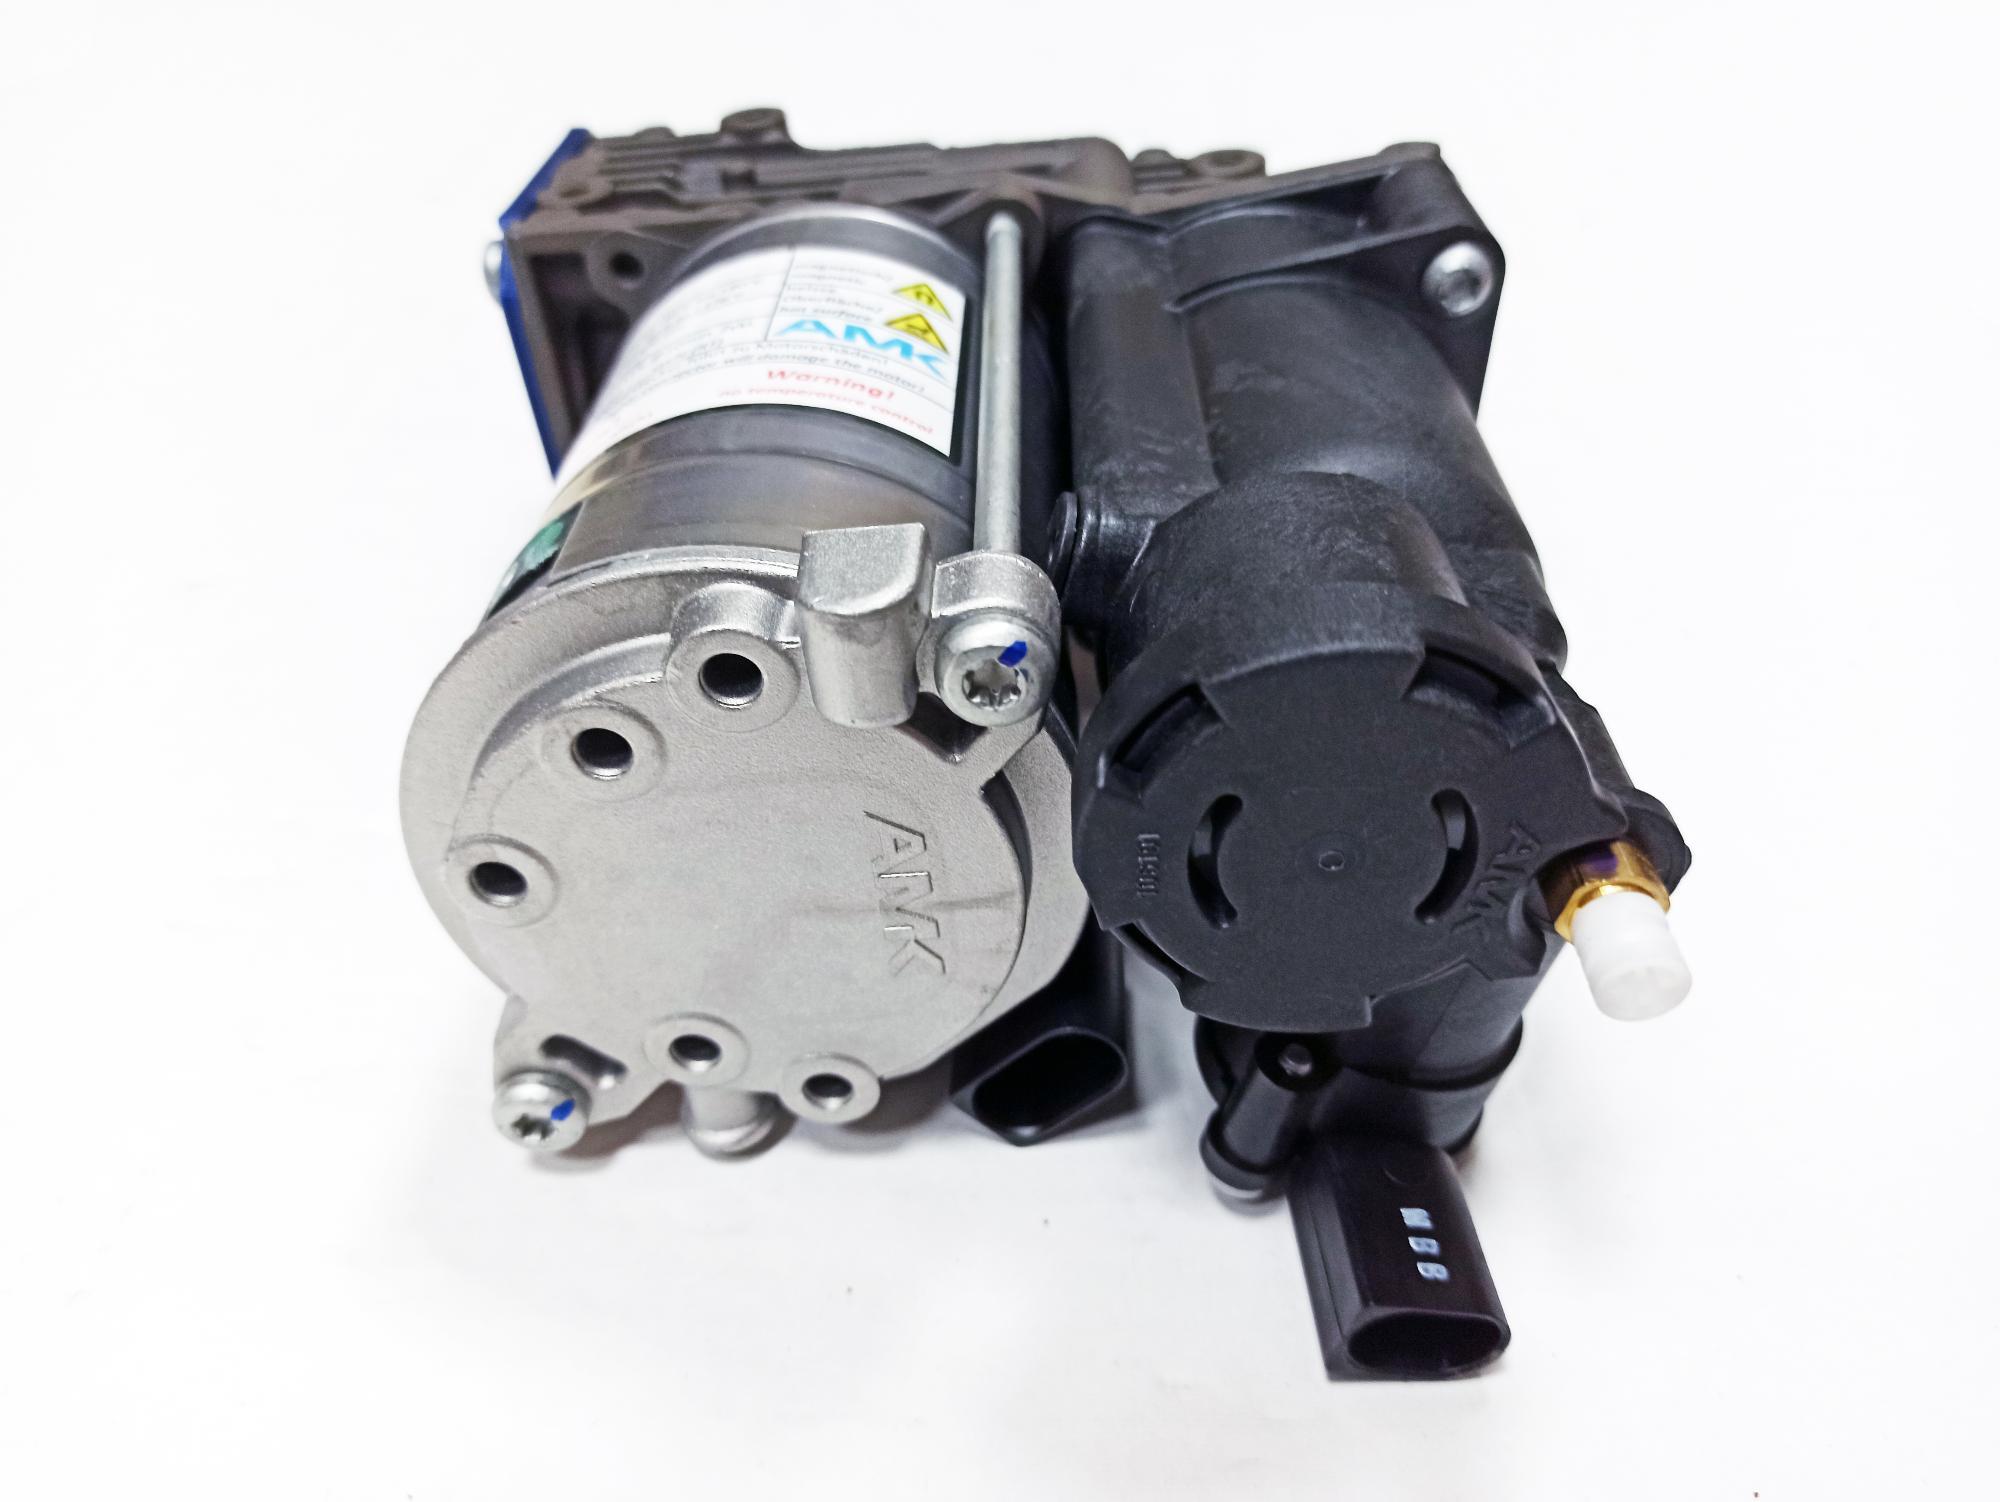 картинка Новый оригинальный компрессор пневмоподвески AMK A2018 для BMW X5 E70; X6 E71/E72 (37206859714) от магазина пневмоподвески ПневмоМаркет